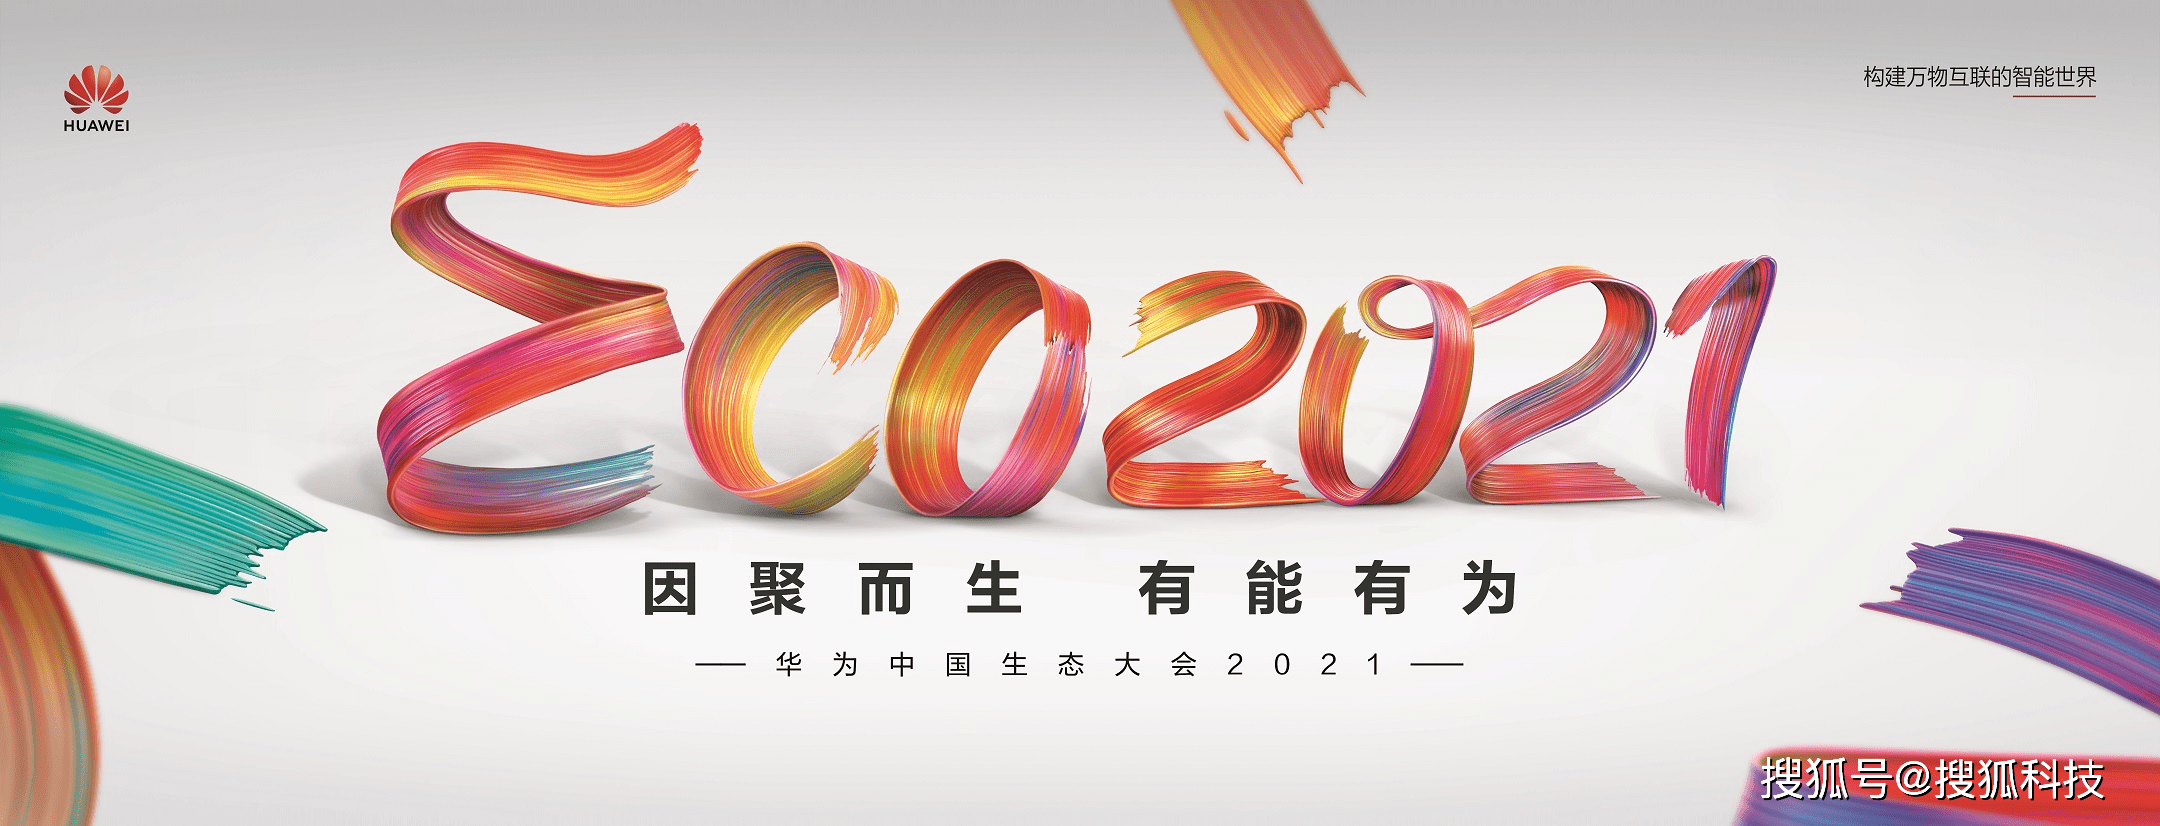 华为中国政企业务总裁吴辉:上云是业务发展的必然趋势